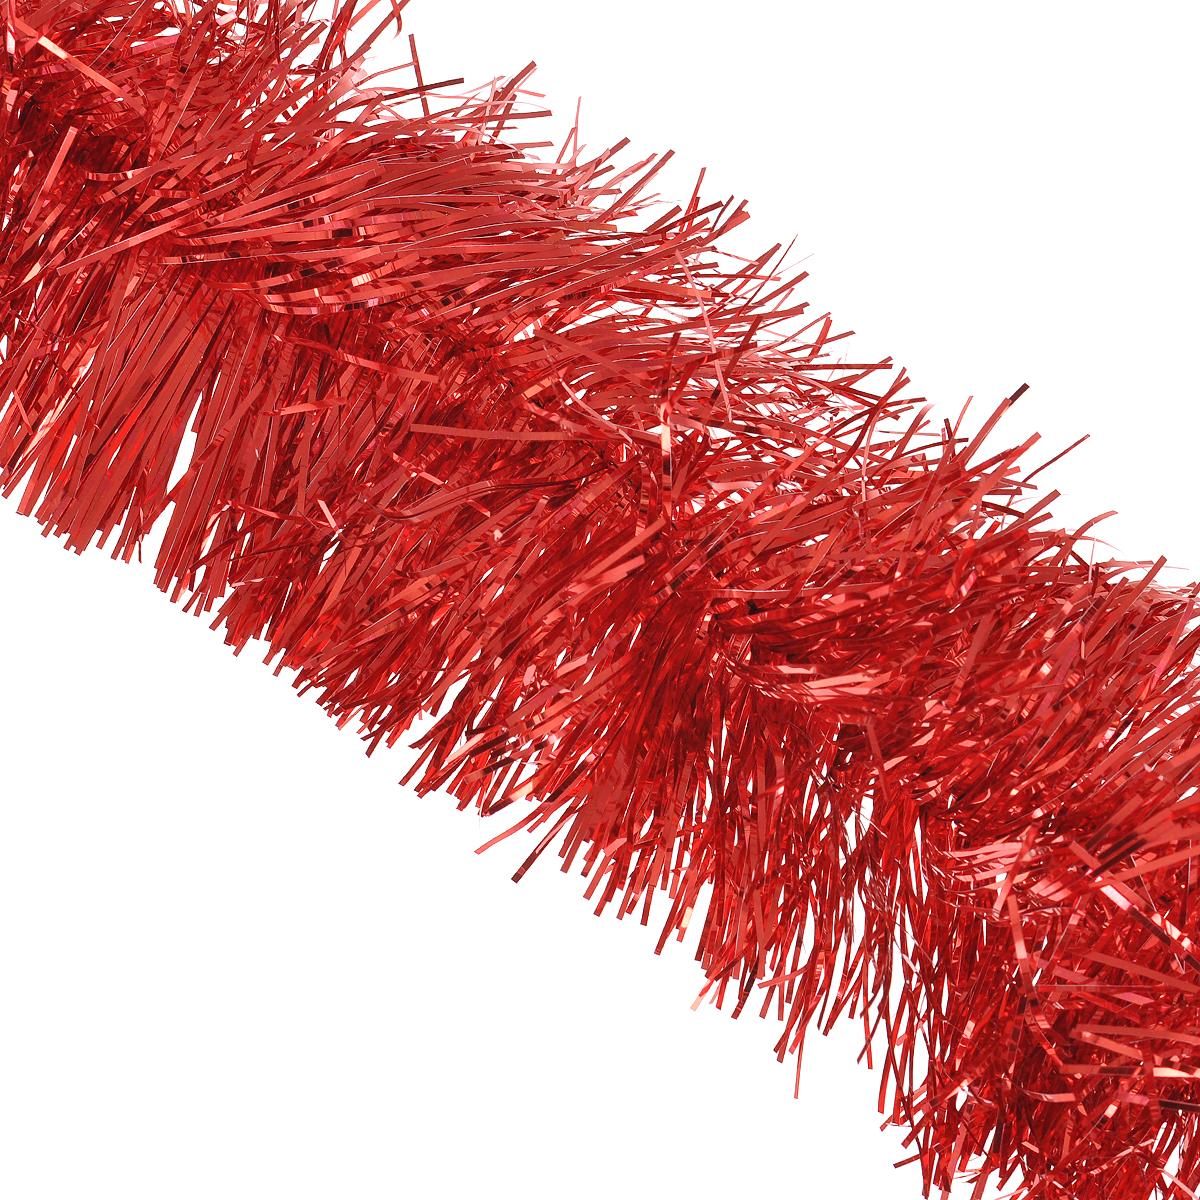 Мишура новогодняя Sima-land, цвет: красный, диаметр 12 см, длина 2 м. 702590702590Новогодняя мишура Sima-land, выполненная из фольги, поможет вам украсить свой дом к предстоящим праздникам. А новогодняя елка с таким украшением станет еще наряднее. Мишура армирована, то есть имеет проволоку внутри и способна сохранять приданную ей форму.Новогодней мишурой можно украсить все, что угодно - елку, квартиру, дачу, офис - как внутри, так и снаружи. Можно сложить новогодние поздравления, буквы и цифры, мишурой можно украсить и дополнить гирлянды, можно выделить дверные колонны, оплести дверные проемы. Коллекция декоративных украшений из серии Зимнее волшебство принесет в ваш дом ни с чем несравнимое ощущение праздника! Создайте в своем доме атмосферу тепла, веселья и радости, украшая его всей семьей.